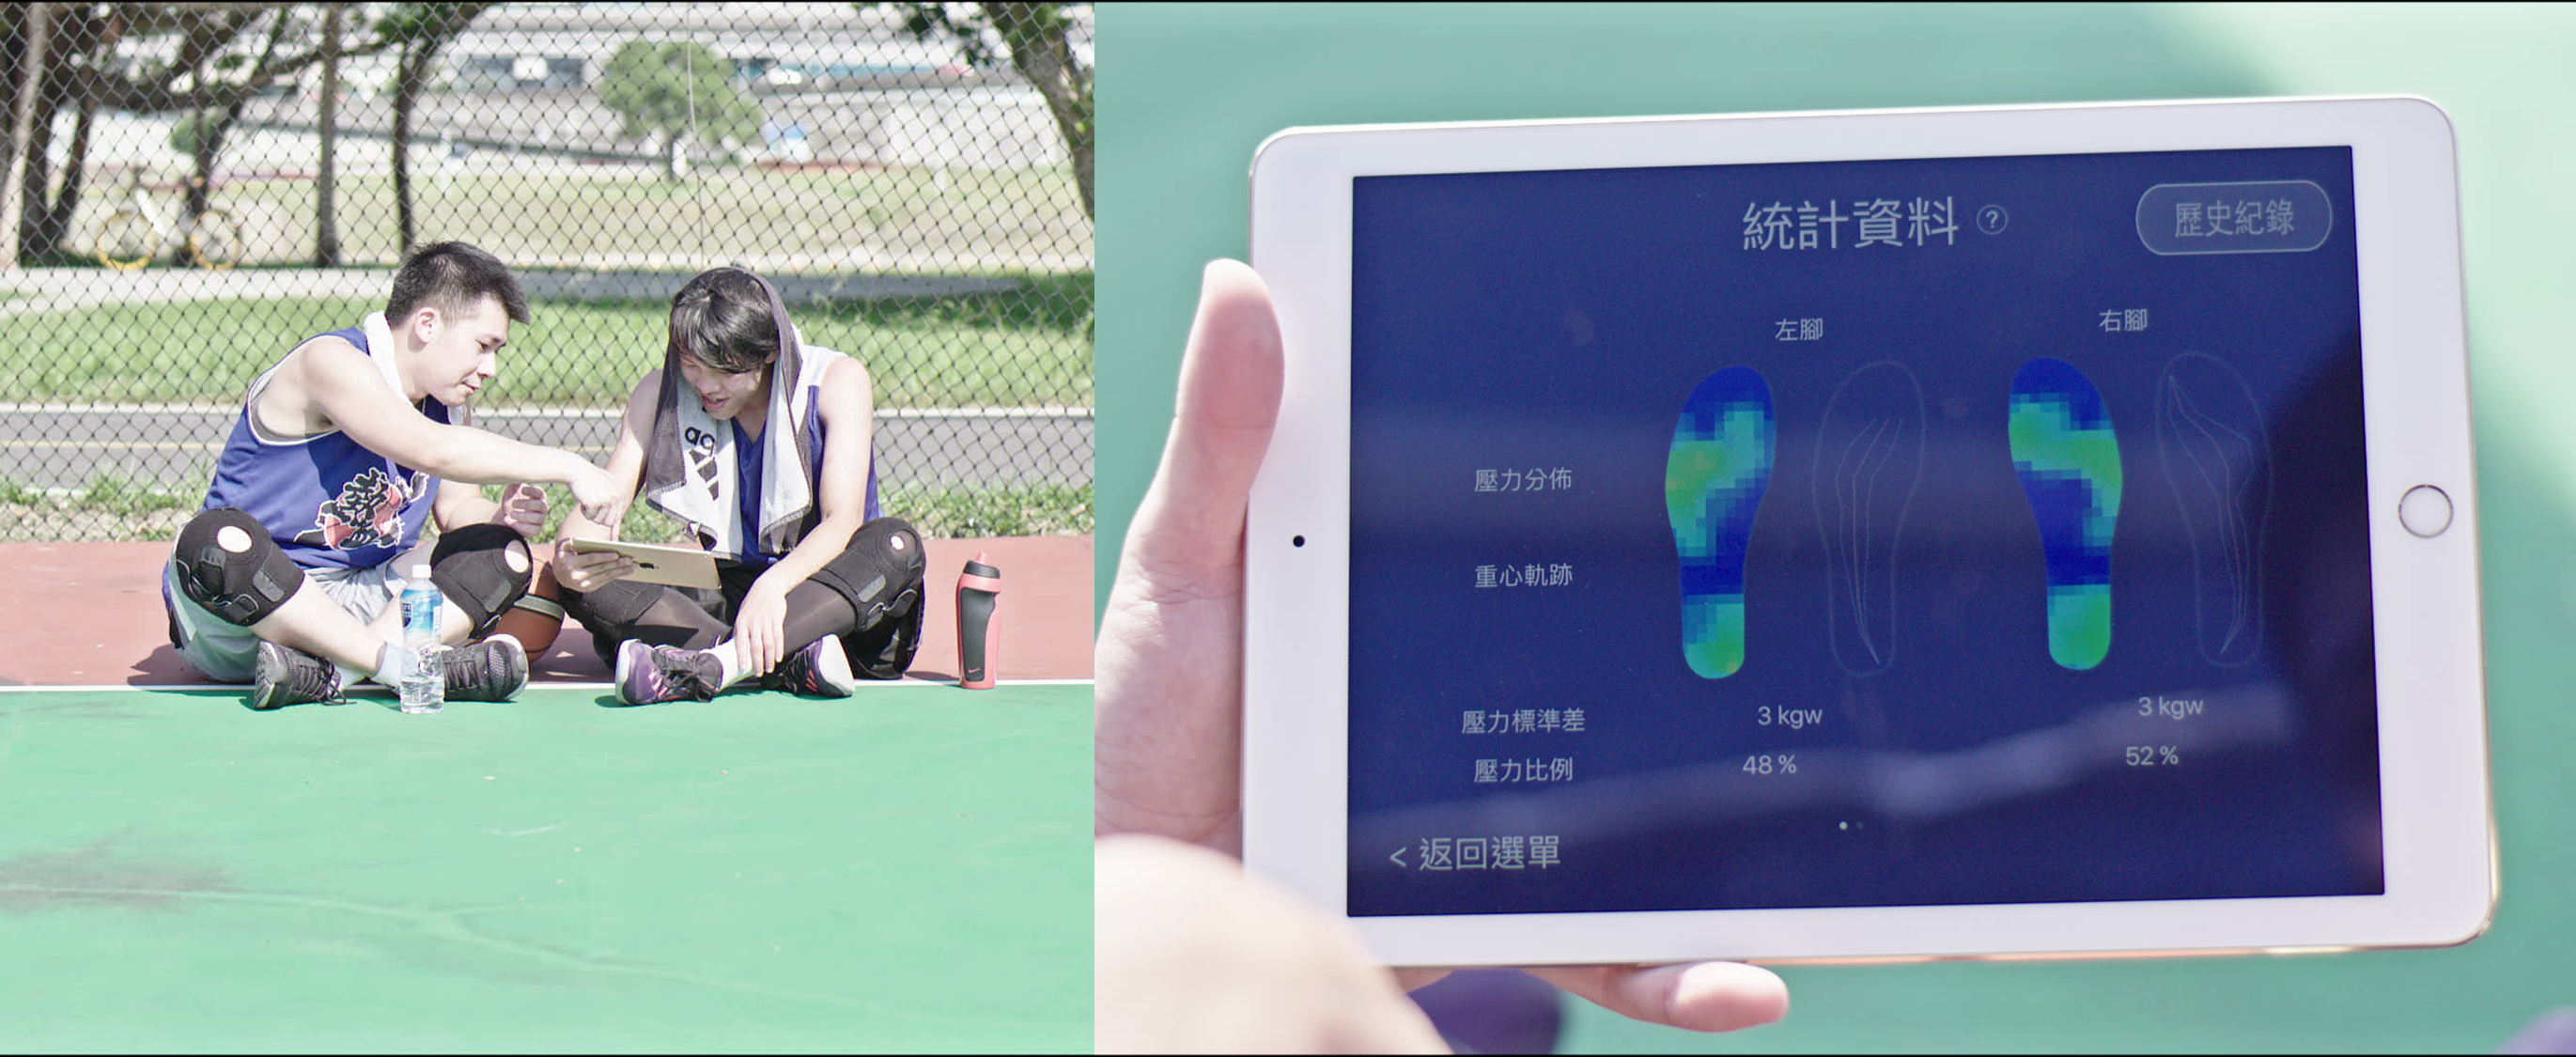 SaFePlay應用情境-籃球運動 紀錄查看